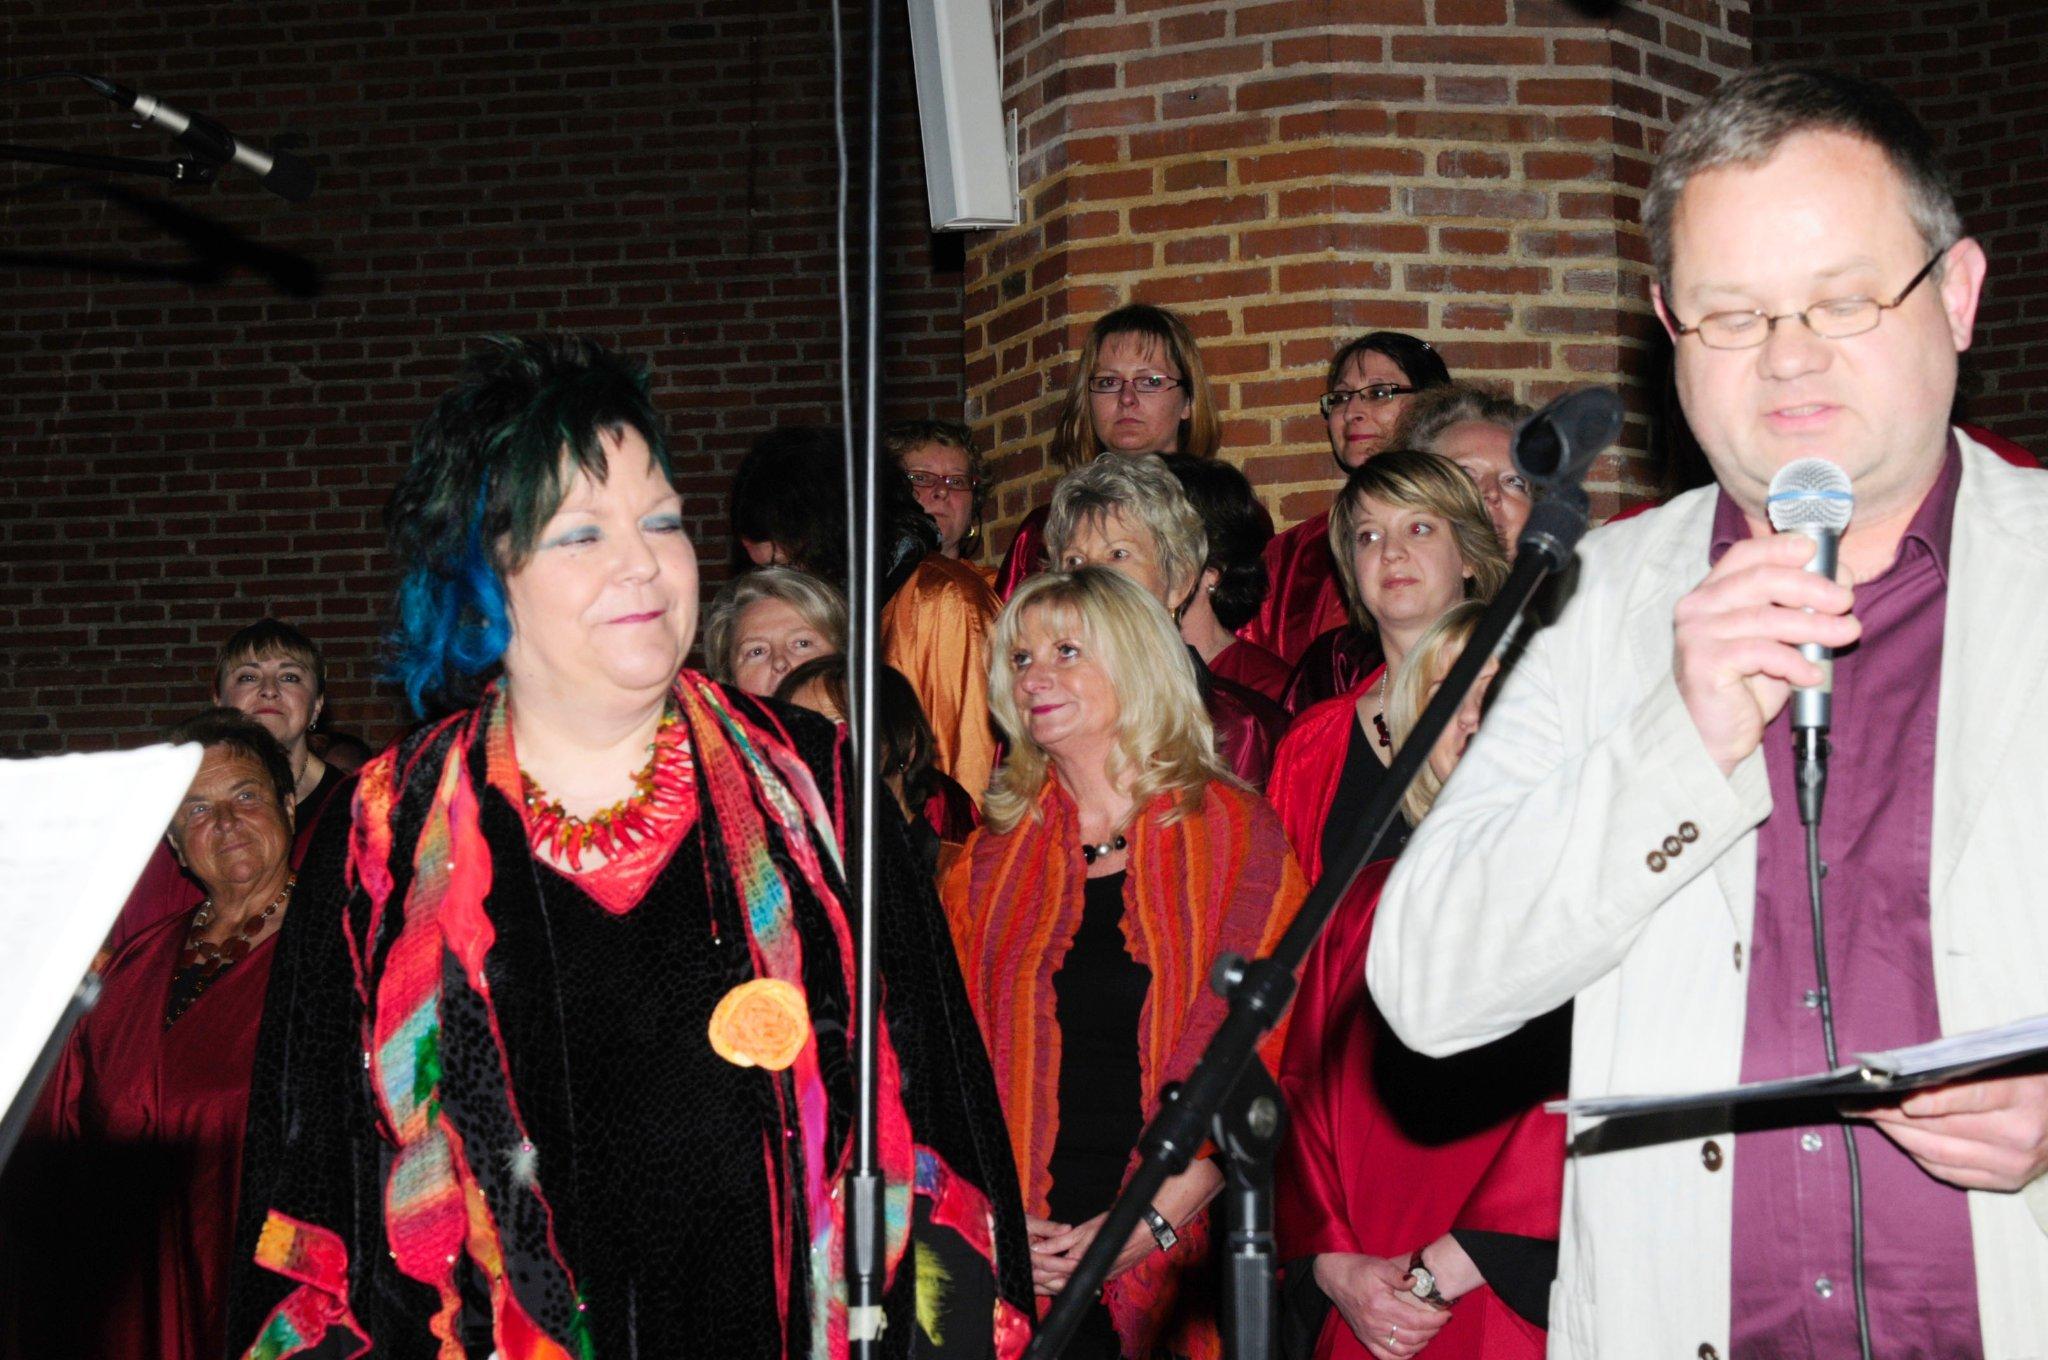 20120422 Reformations Gedaechtniskirche 59